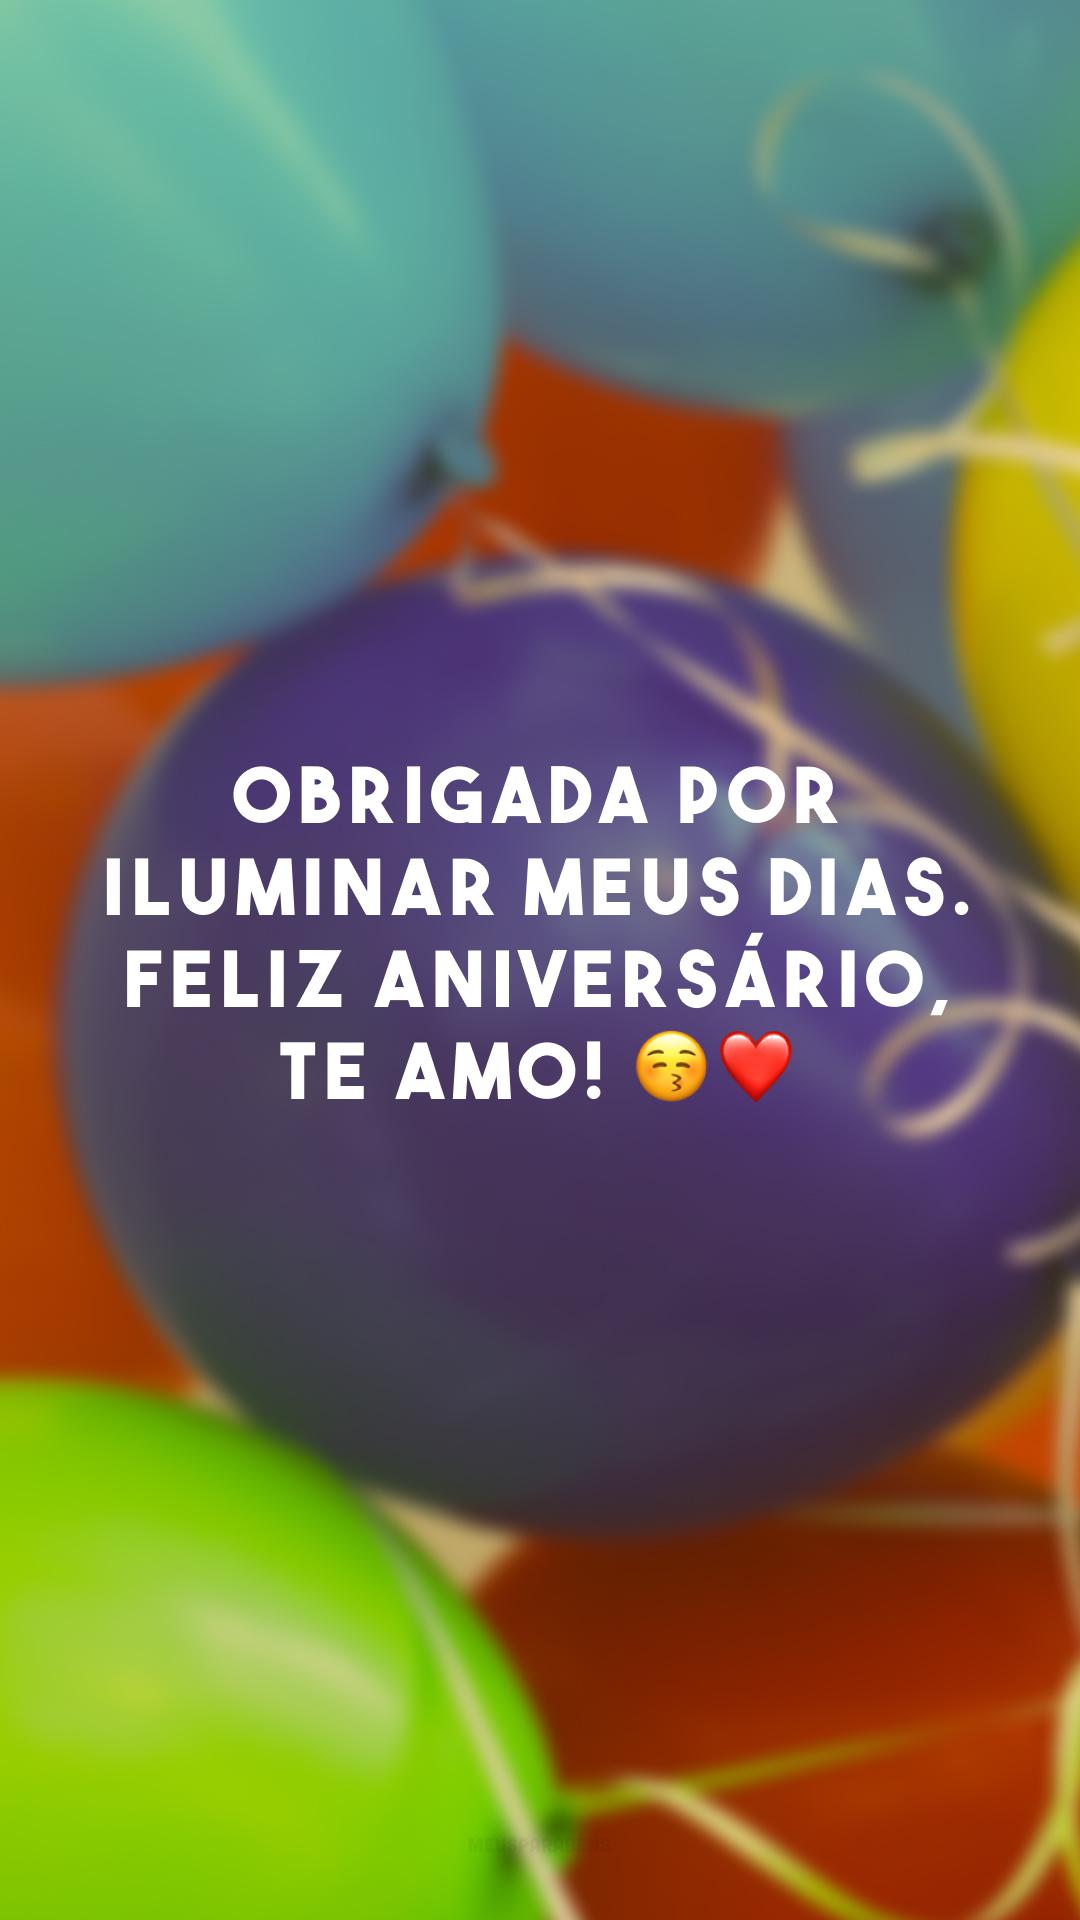 Obrigada por iluminar meus dias. Feliz aniversário, te amo! 😚❤️